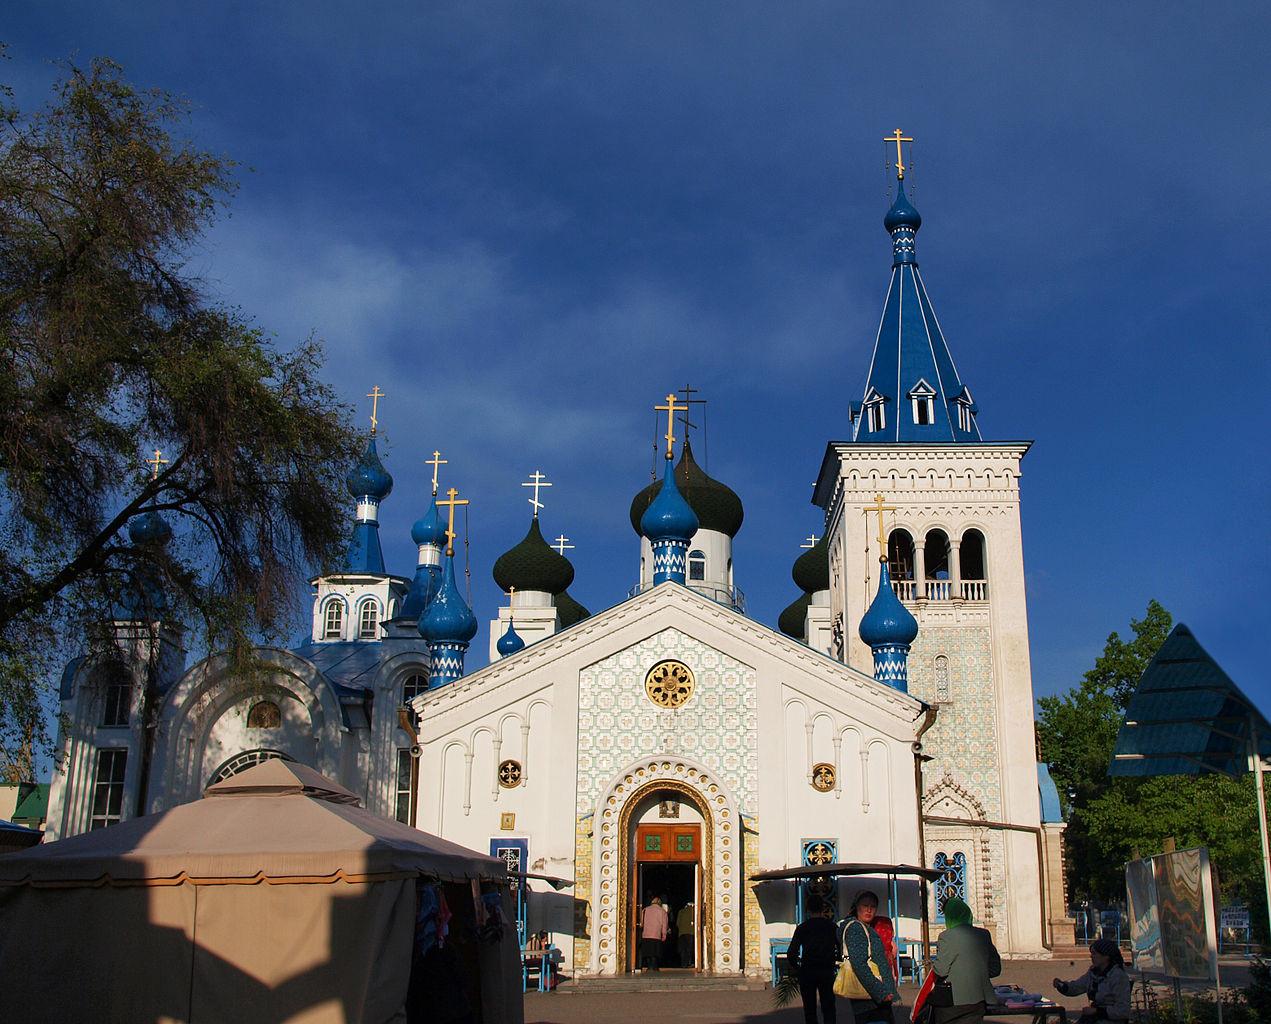 Церковь Воскресенский собор в Бишкеке, Киргизская ССР (ныне государство Киргизия), 1944-47 г. постройки